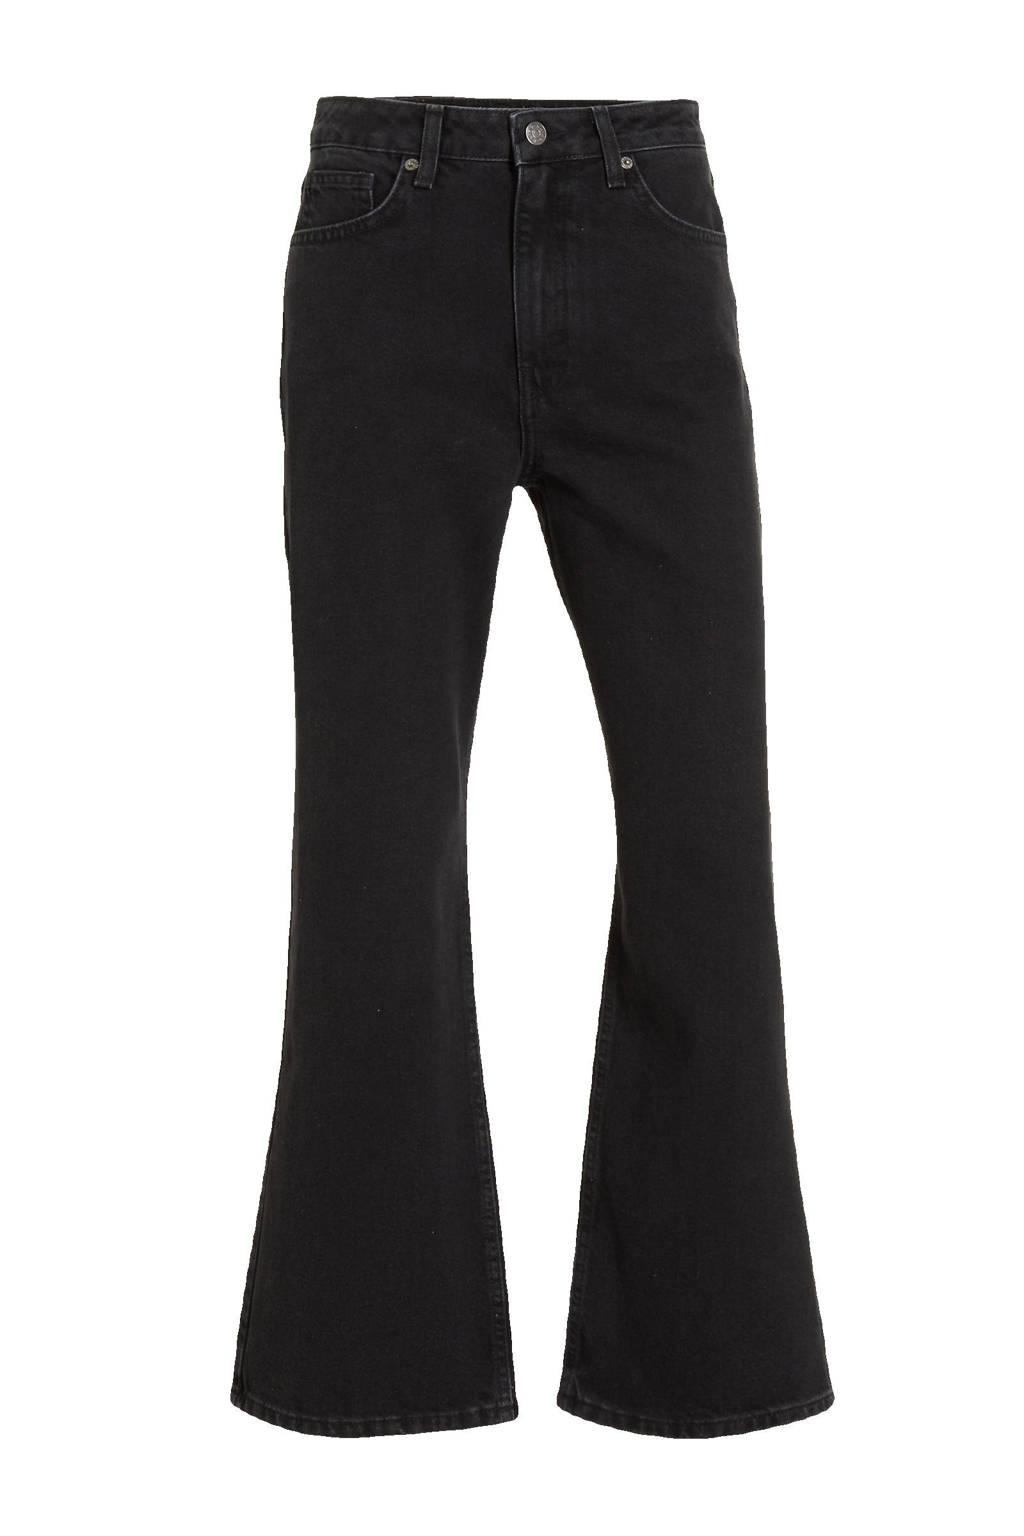 NA-KD cropped high waist regular fit jeans zwart, Zwart